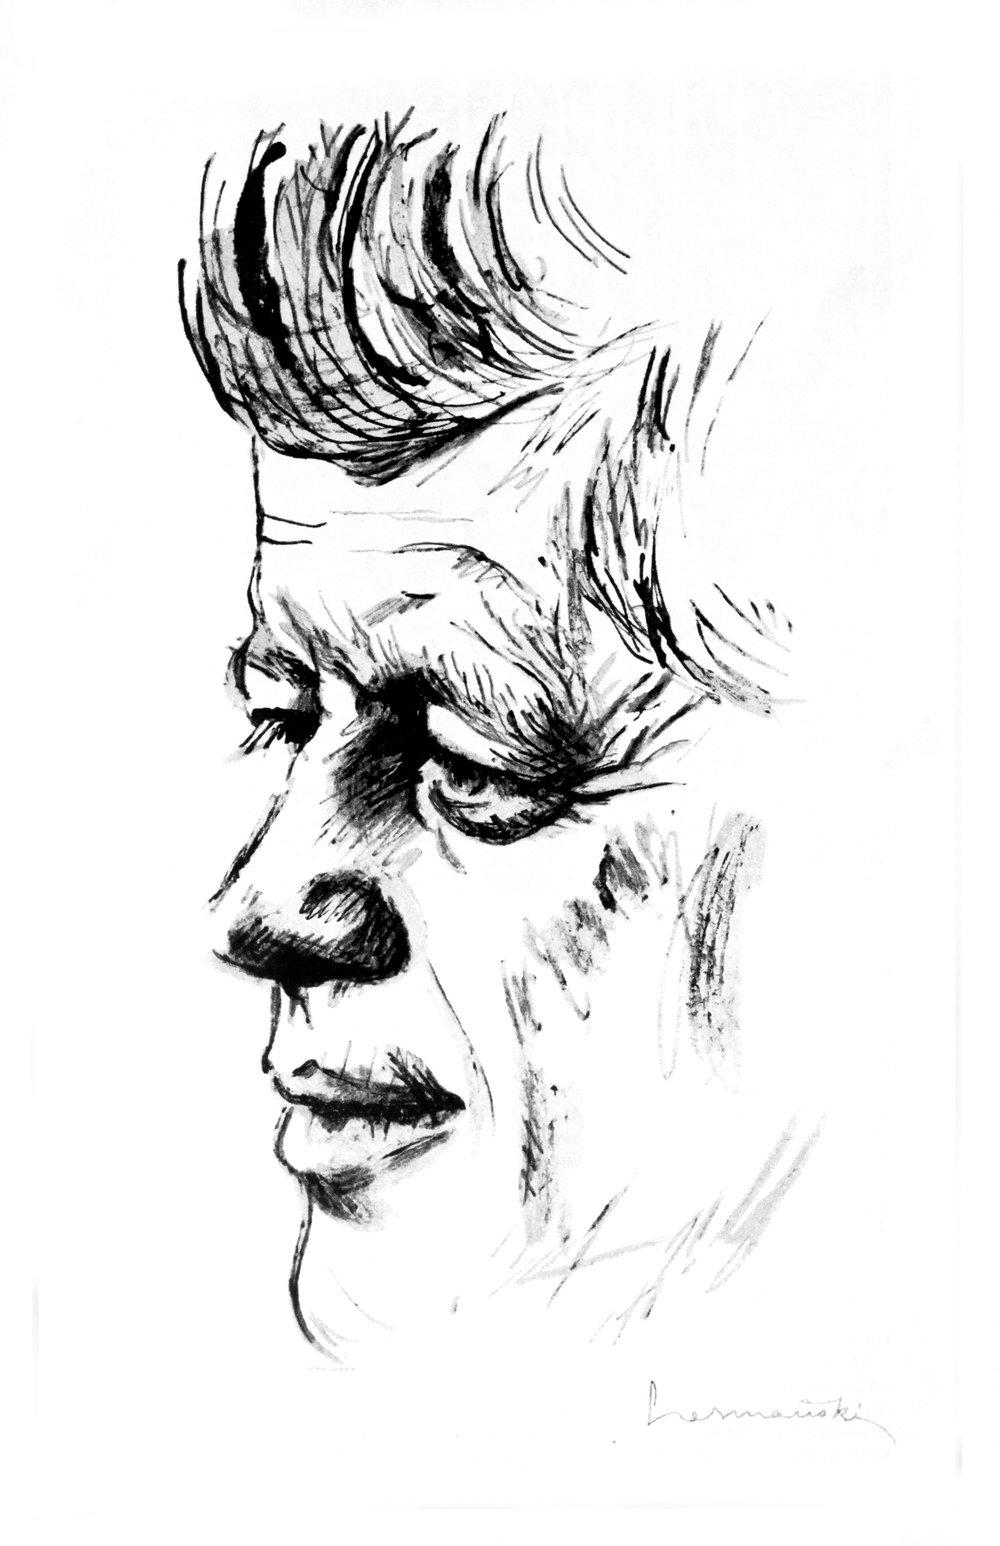 JFK_1963 2.jpg